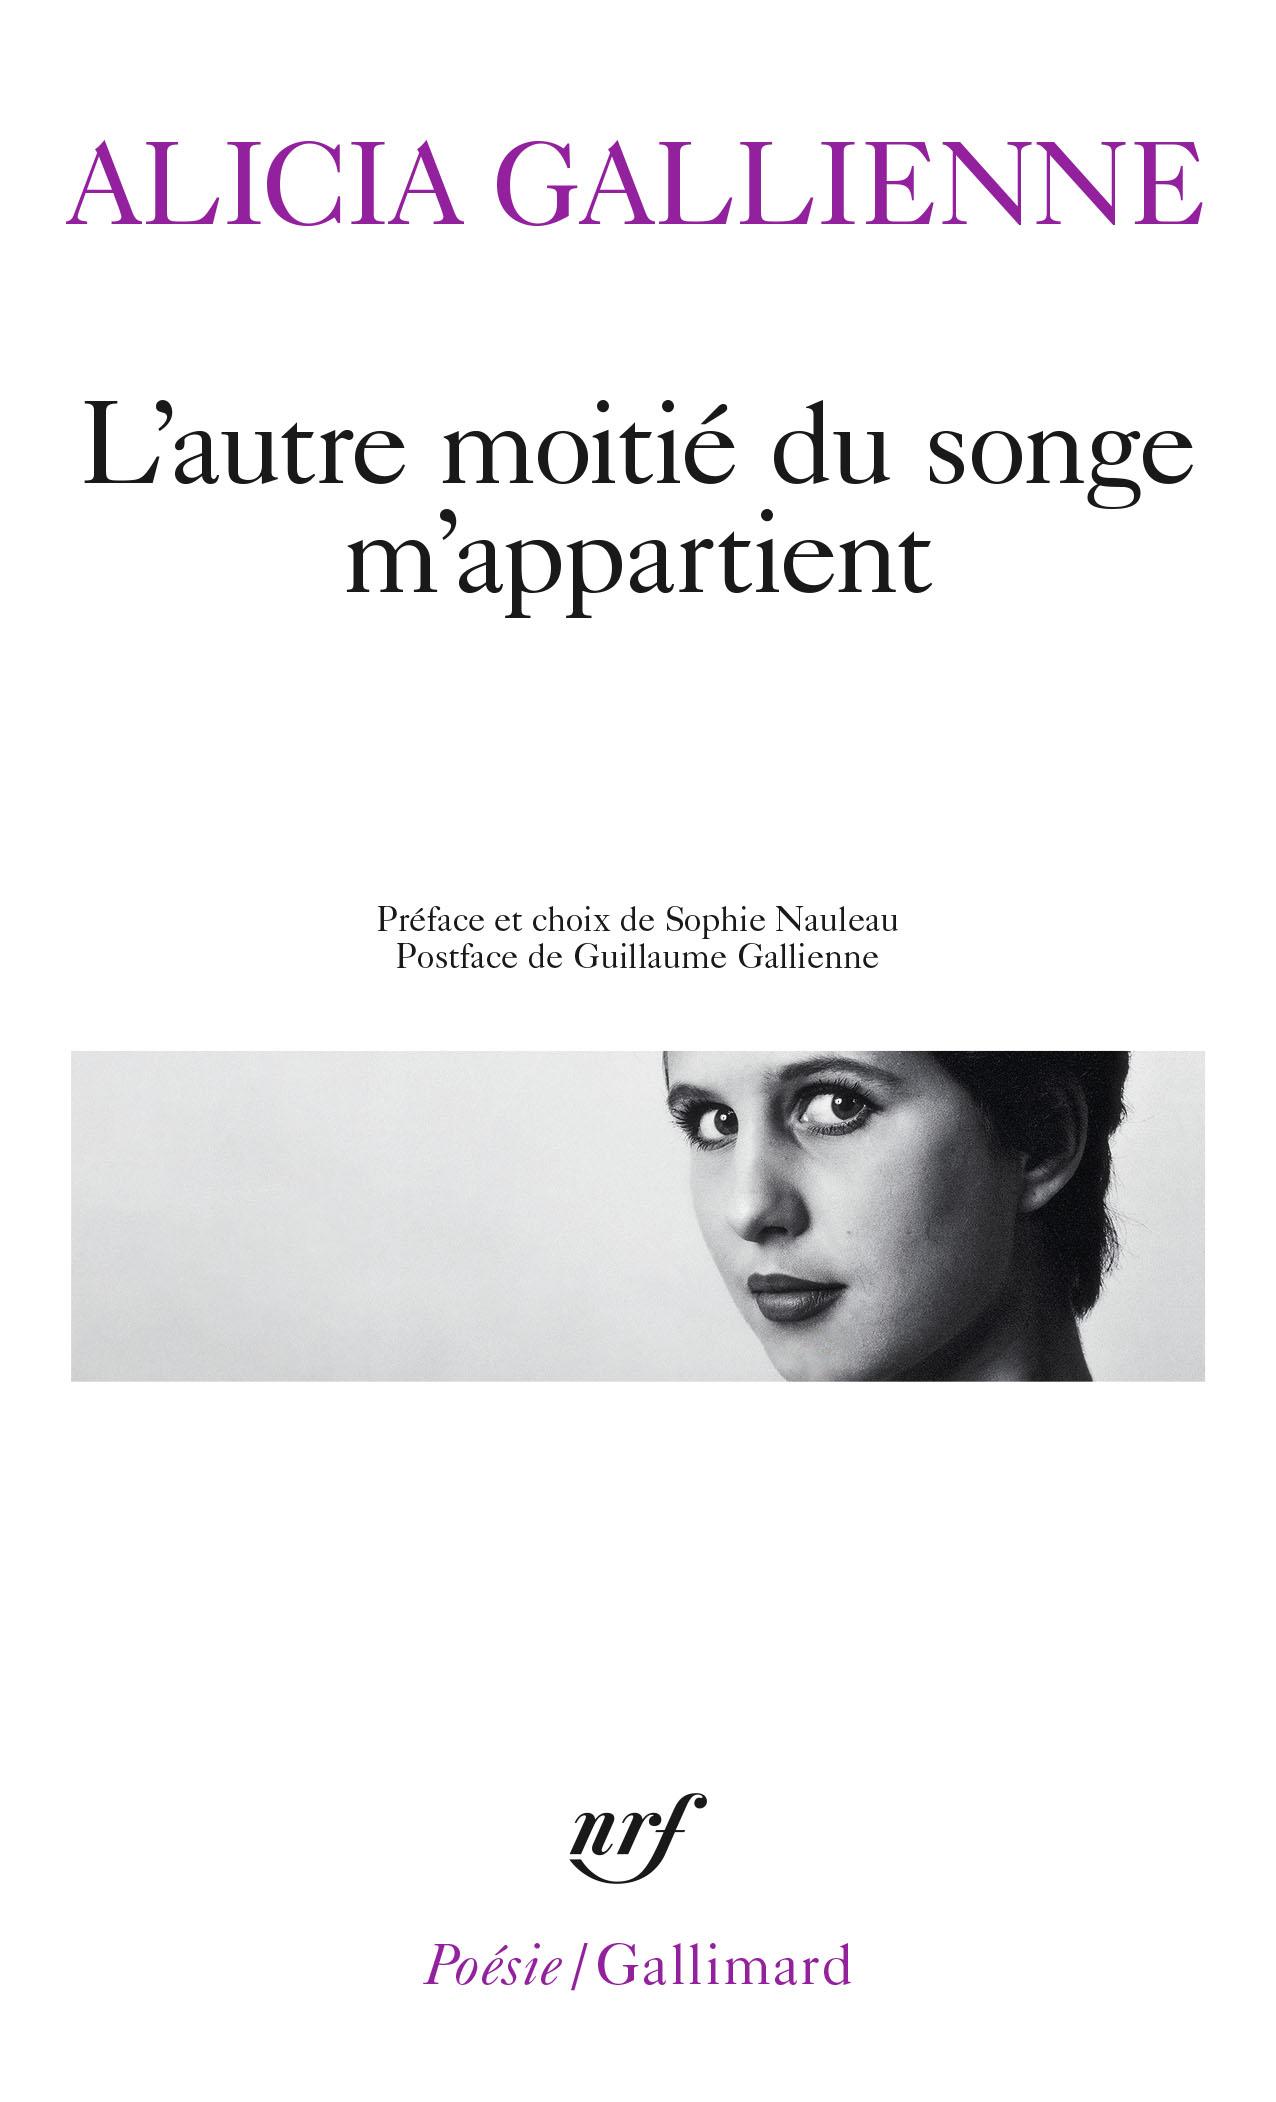 A. Gallienne, L'autre moitié du songe m'appartient (S. Nauleau, éd.)